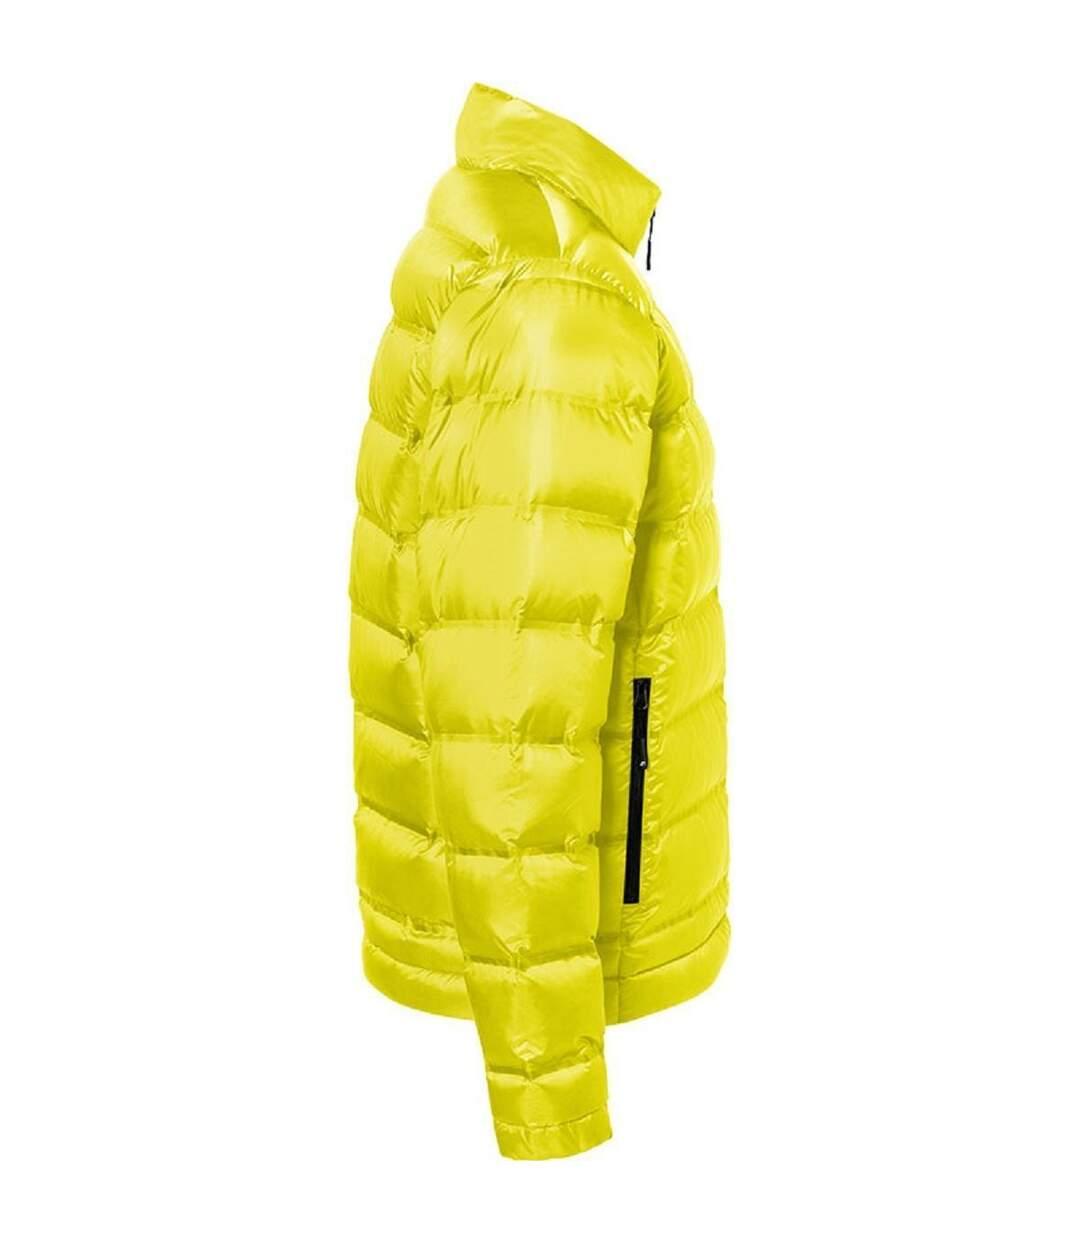 Doudoune homme légère - JN1150 - jaune